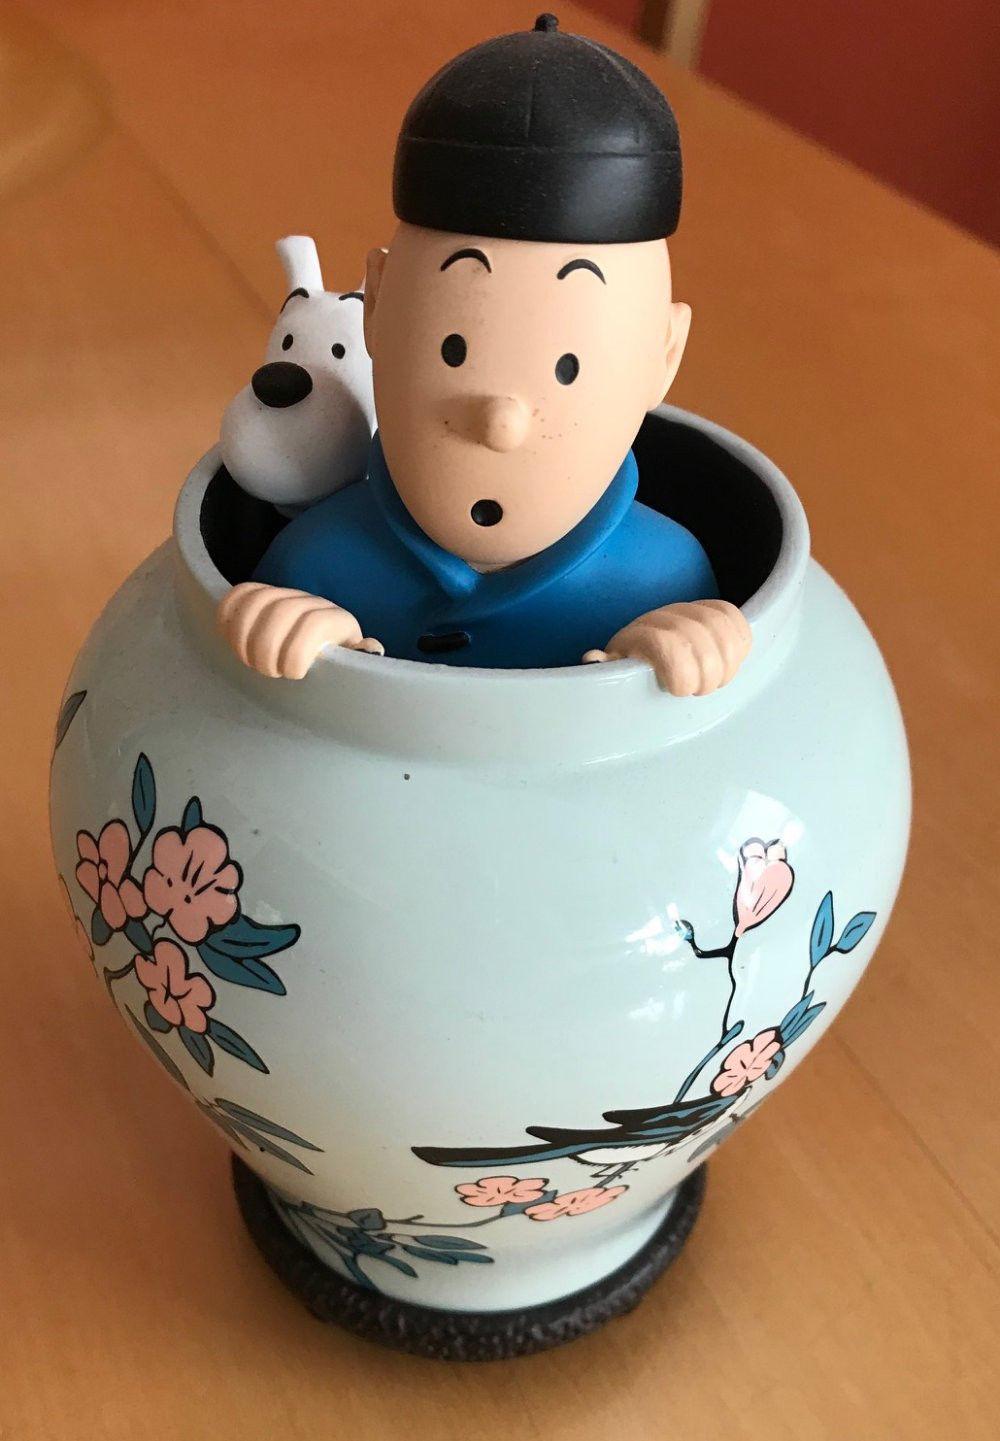 Tim & Struppi in Tibet Figurine Keramik Tintin et Milou Hergé Moulinsart Figur